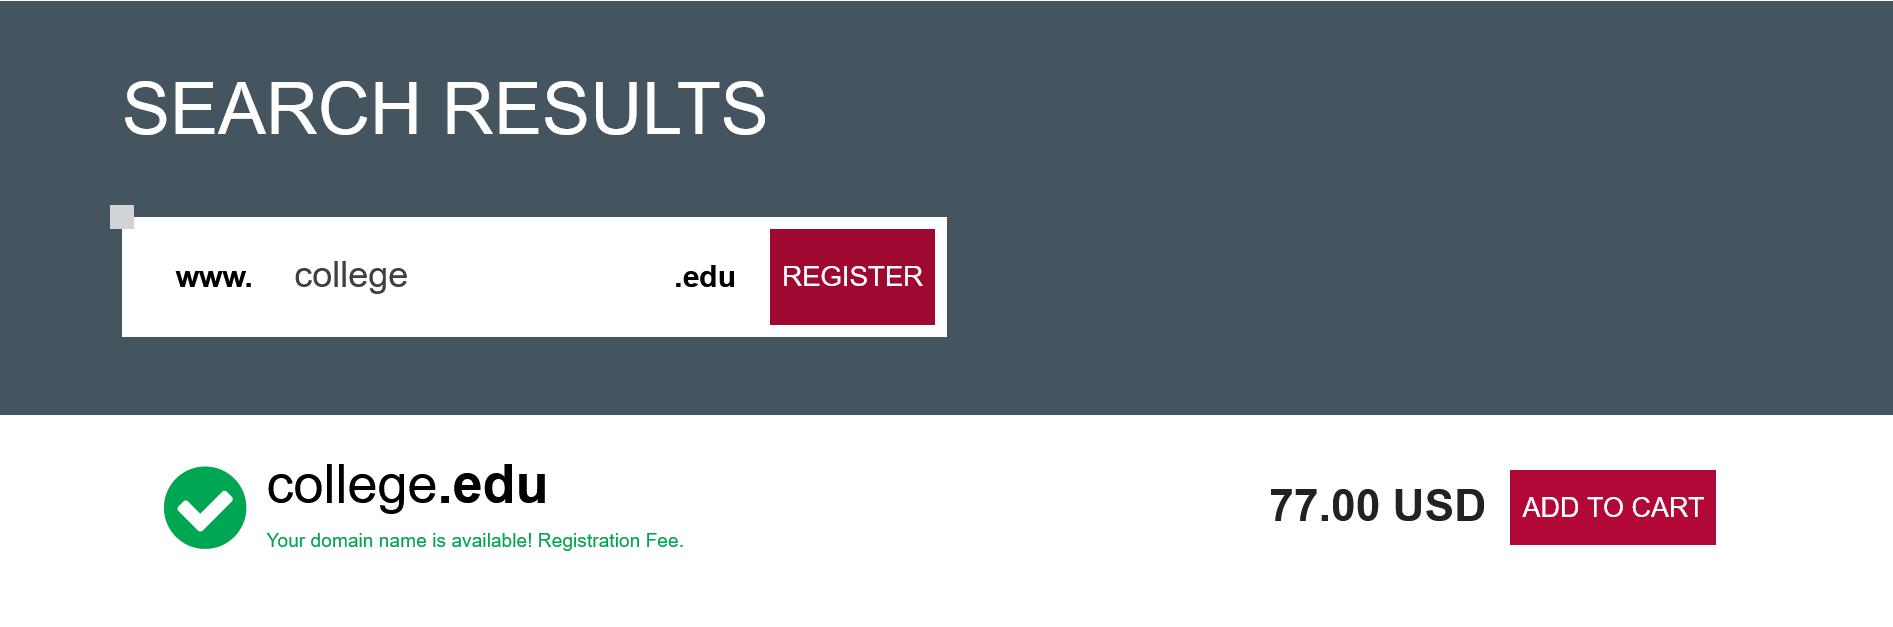 Register edu domain in India